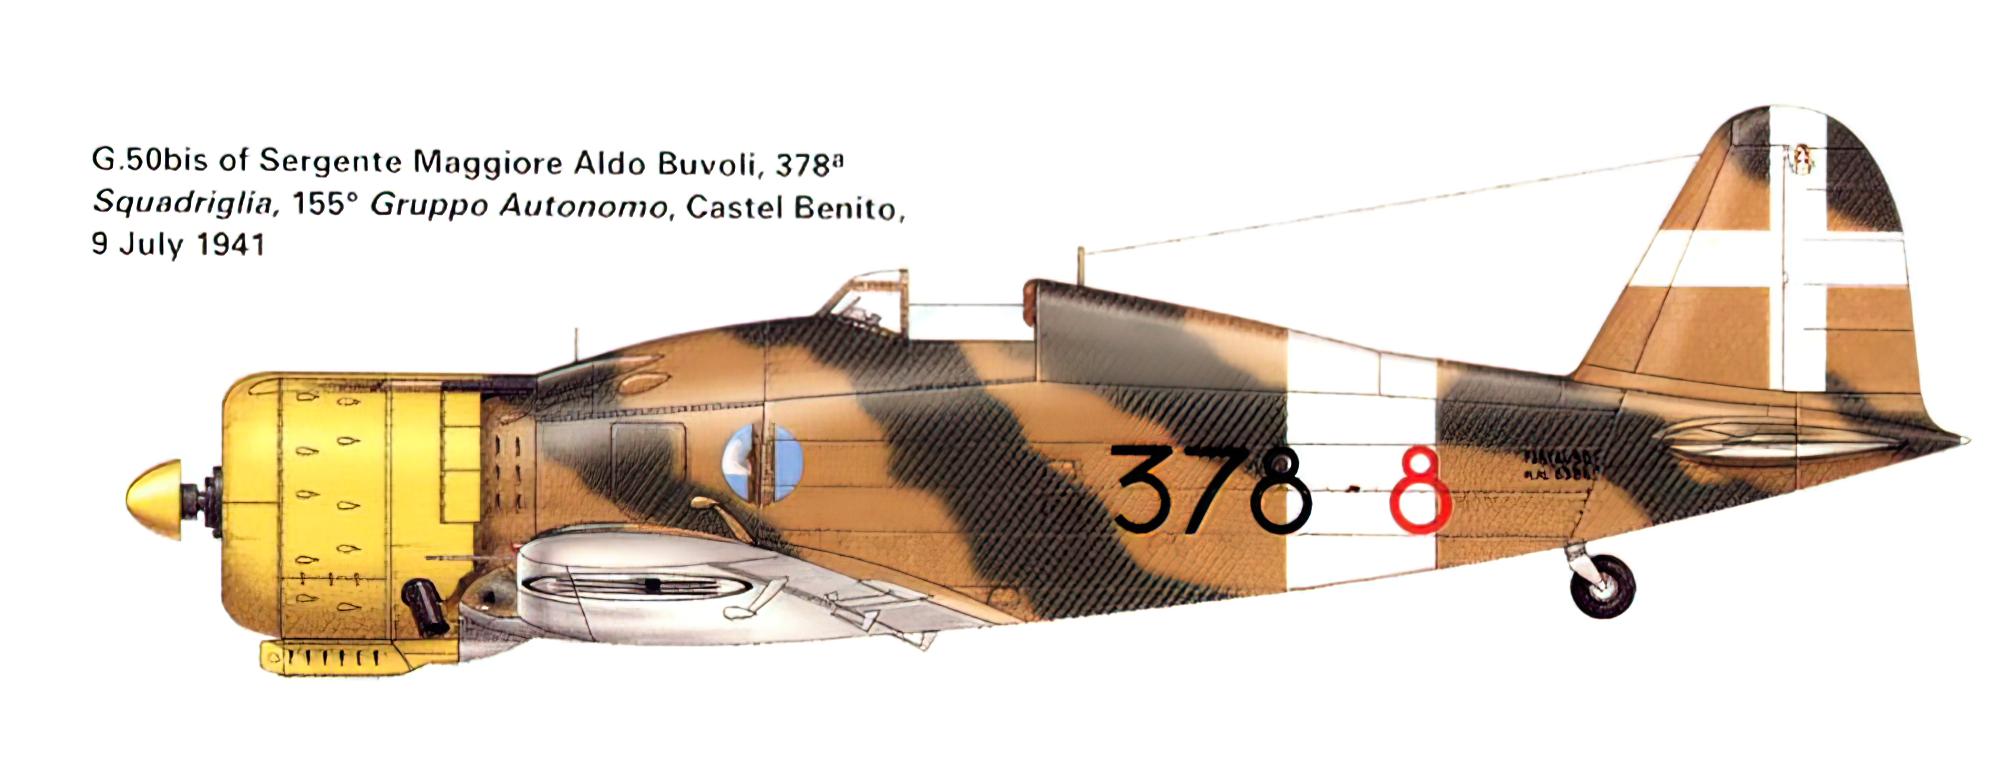 Fiat G50 Freccia 155 Gruppo Autonomo C.T. 378 Squadriglia 378 8 MM6384 Castle Benito 1941 0A